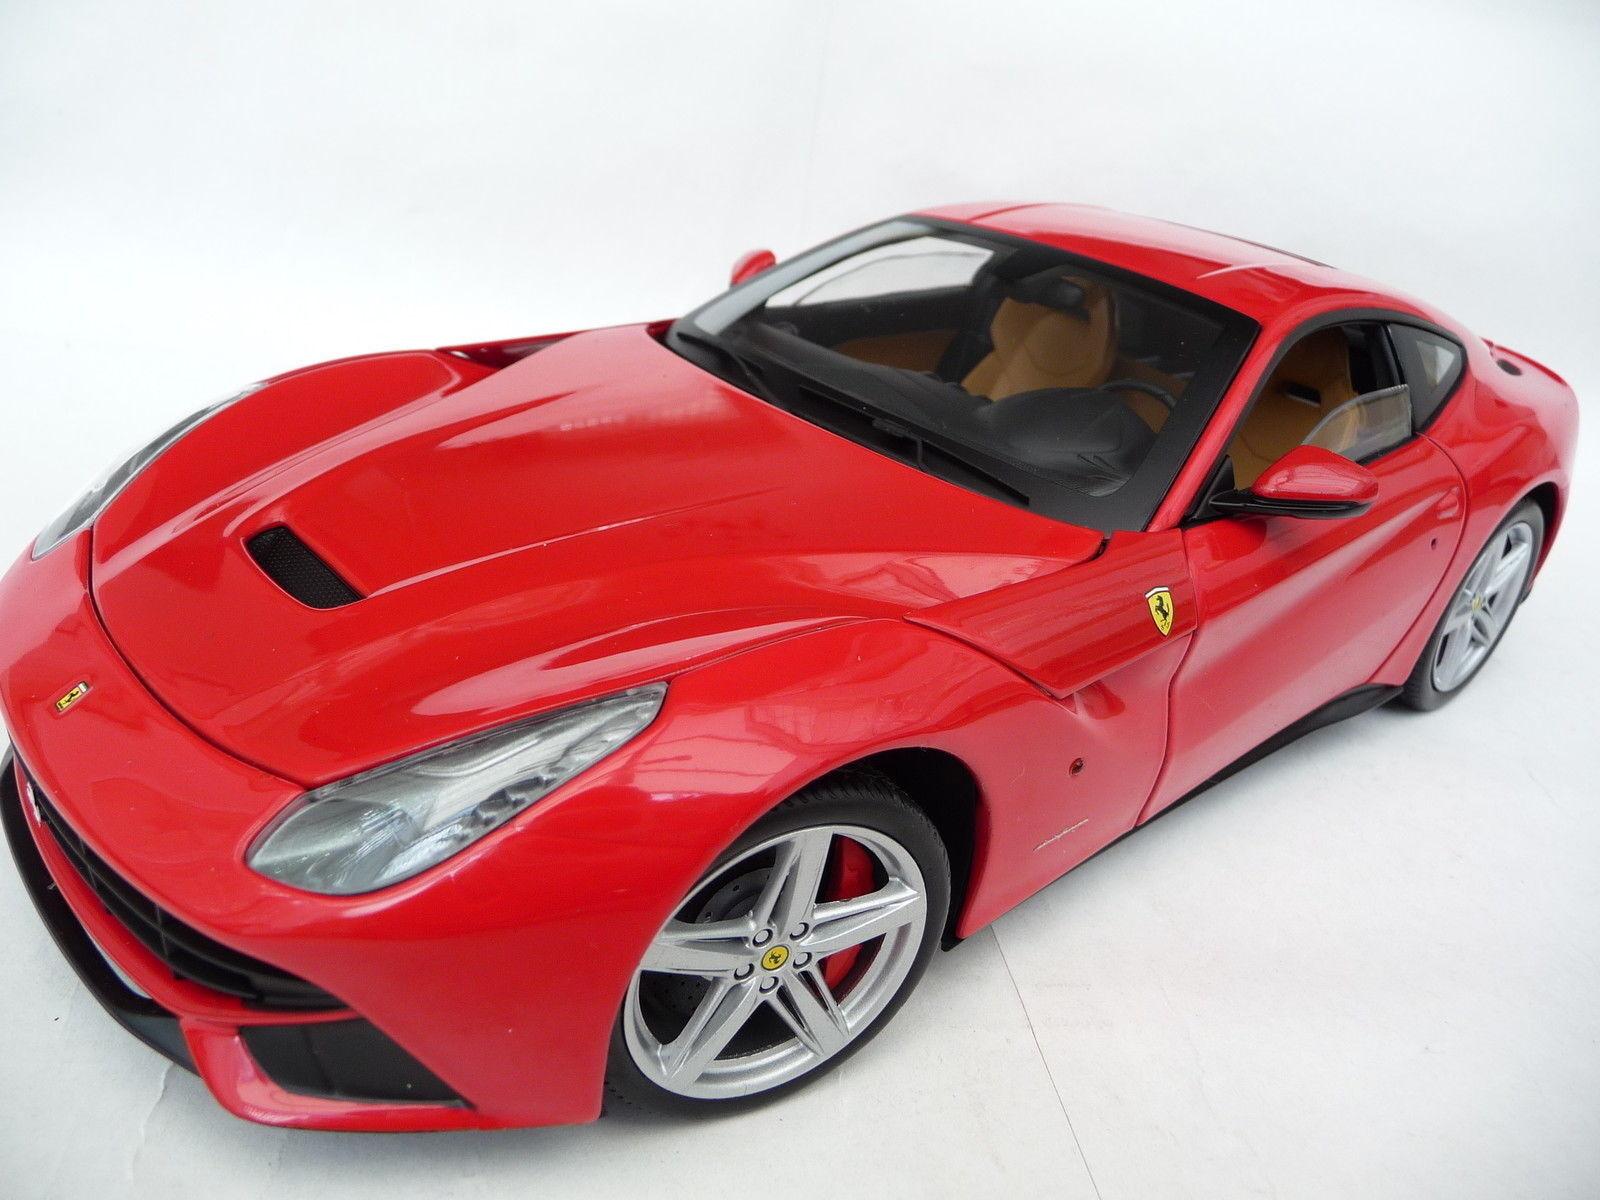 1 18 Mattel Hot Wheels Ferrari F12 Berlinetta Red  Bcj72